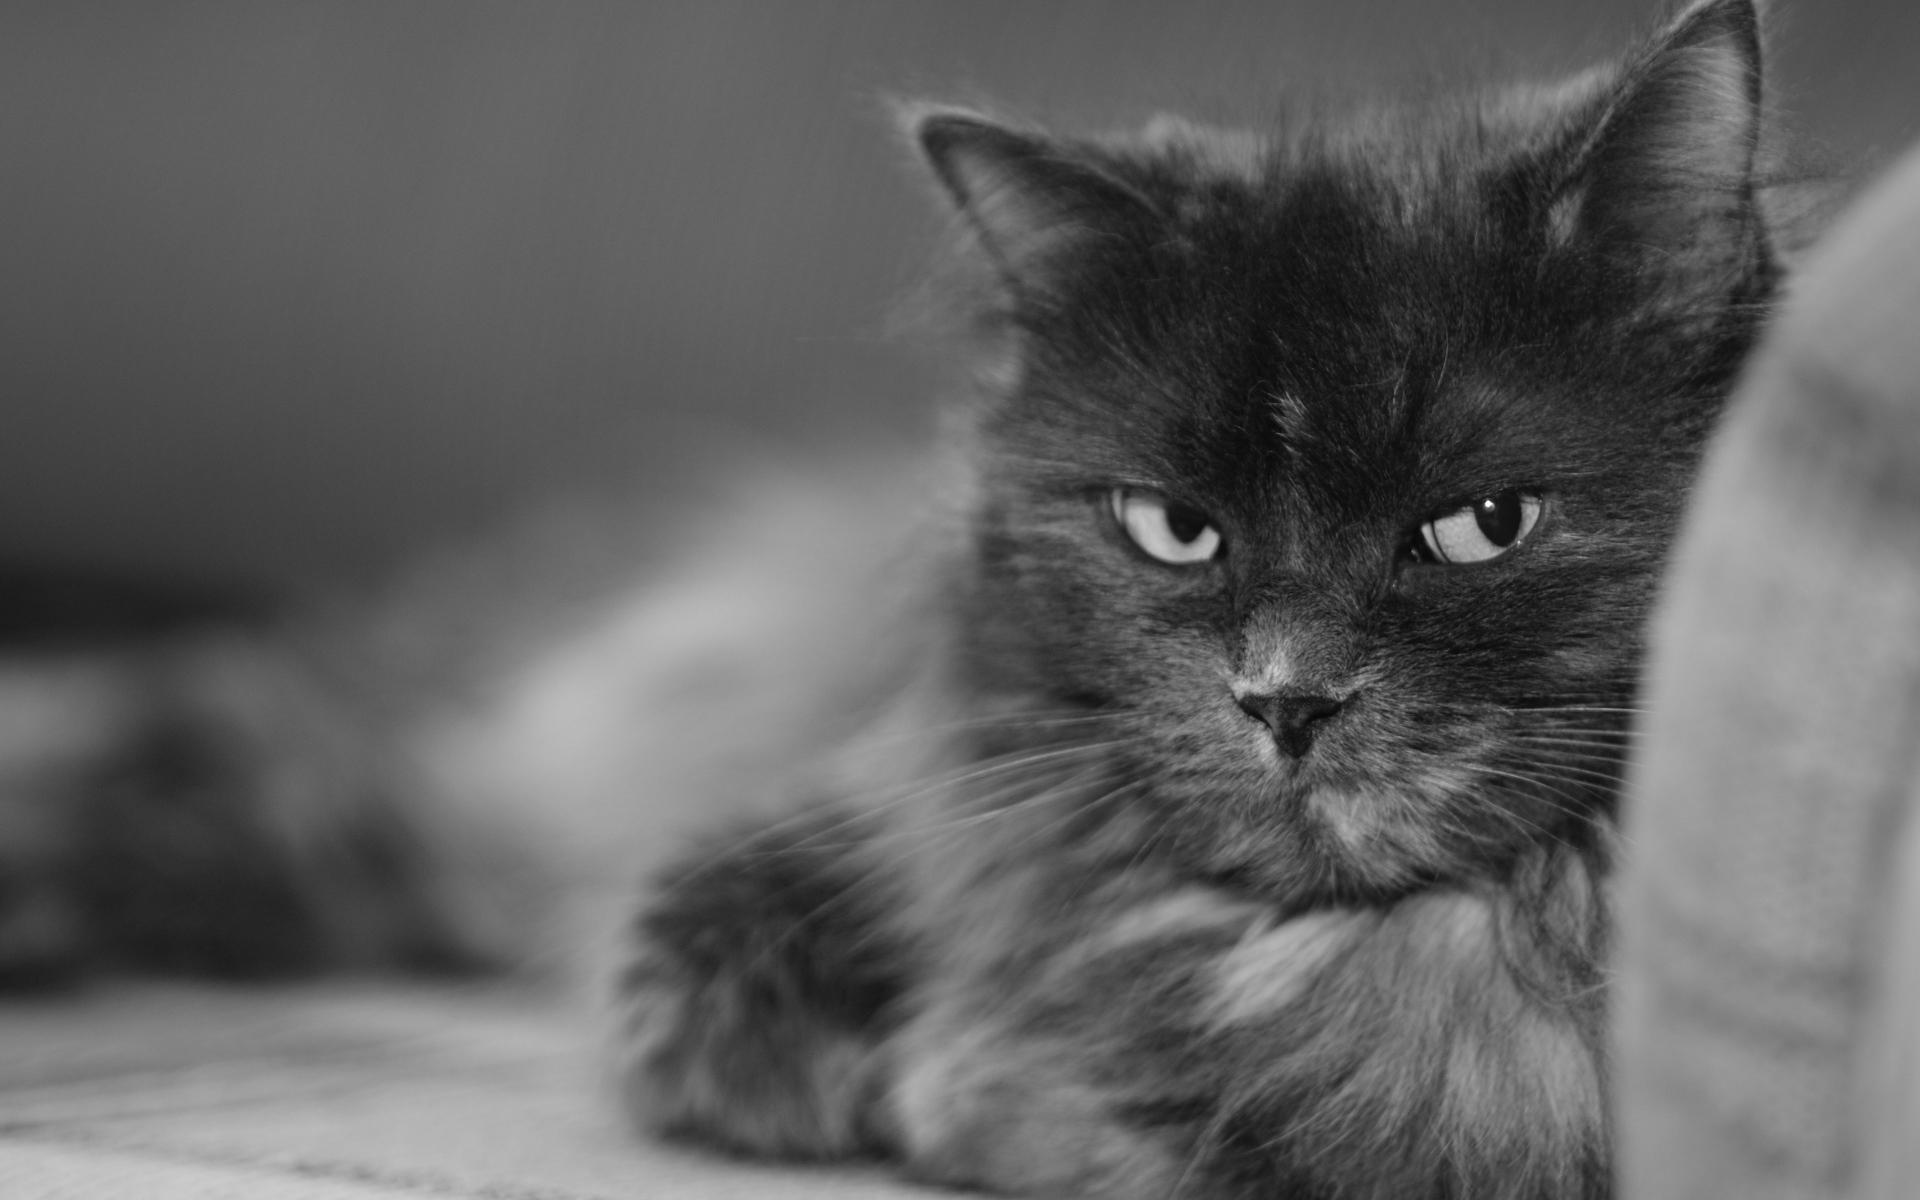 Cat nasty look